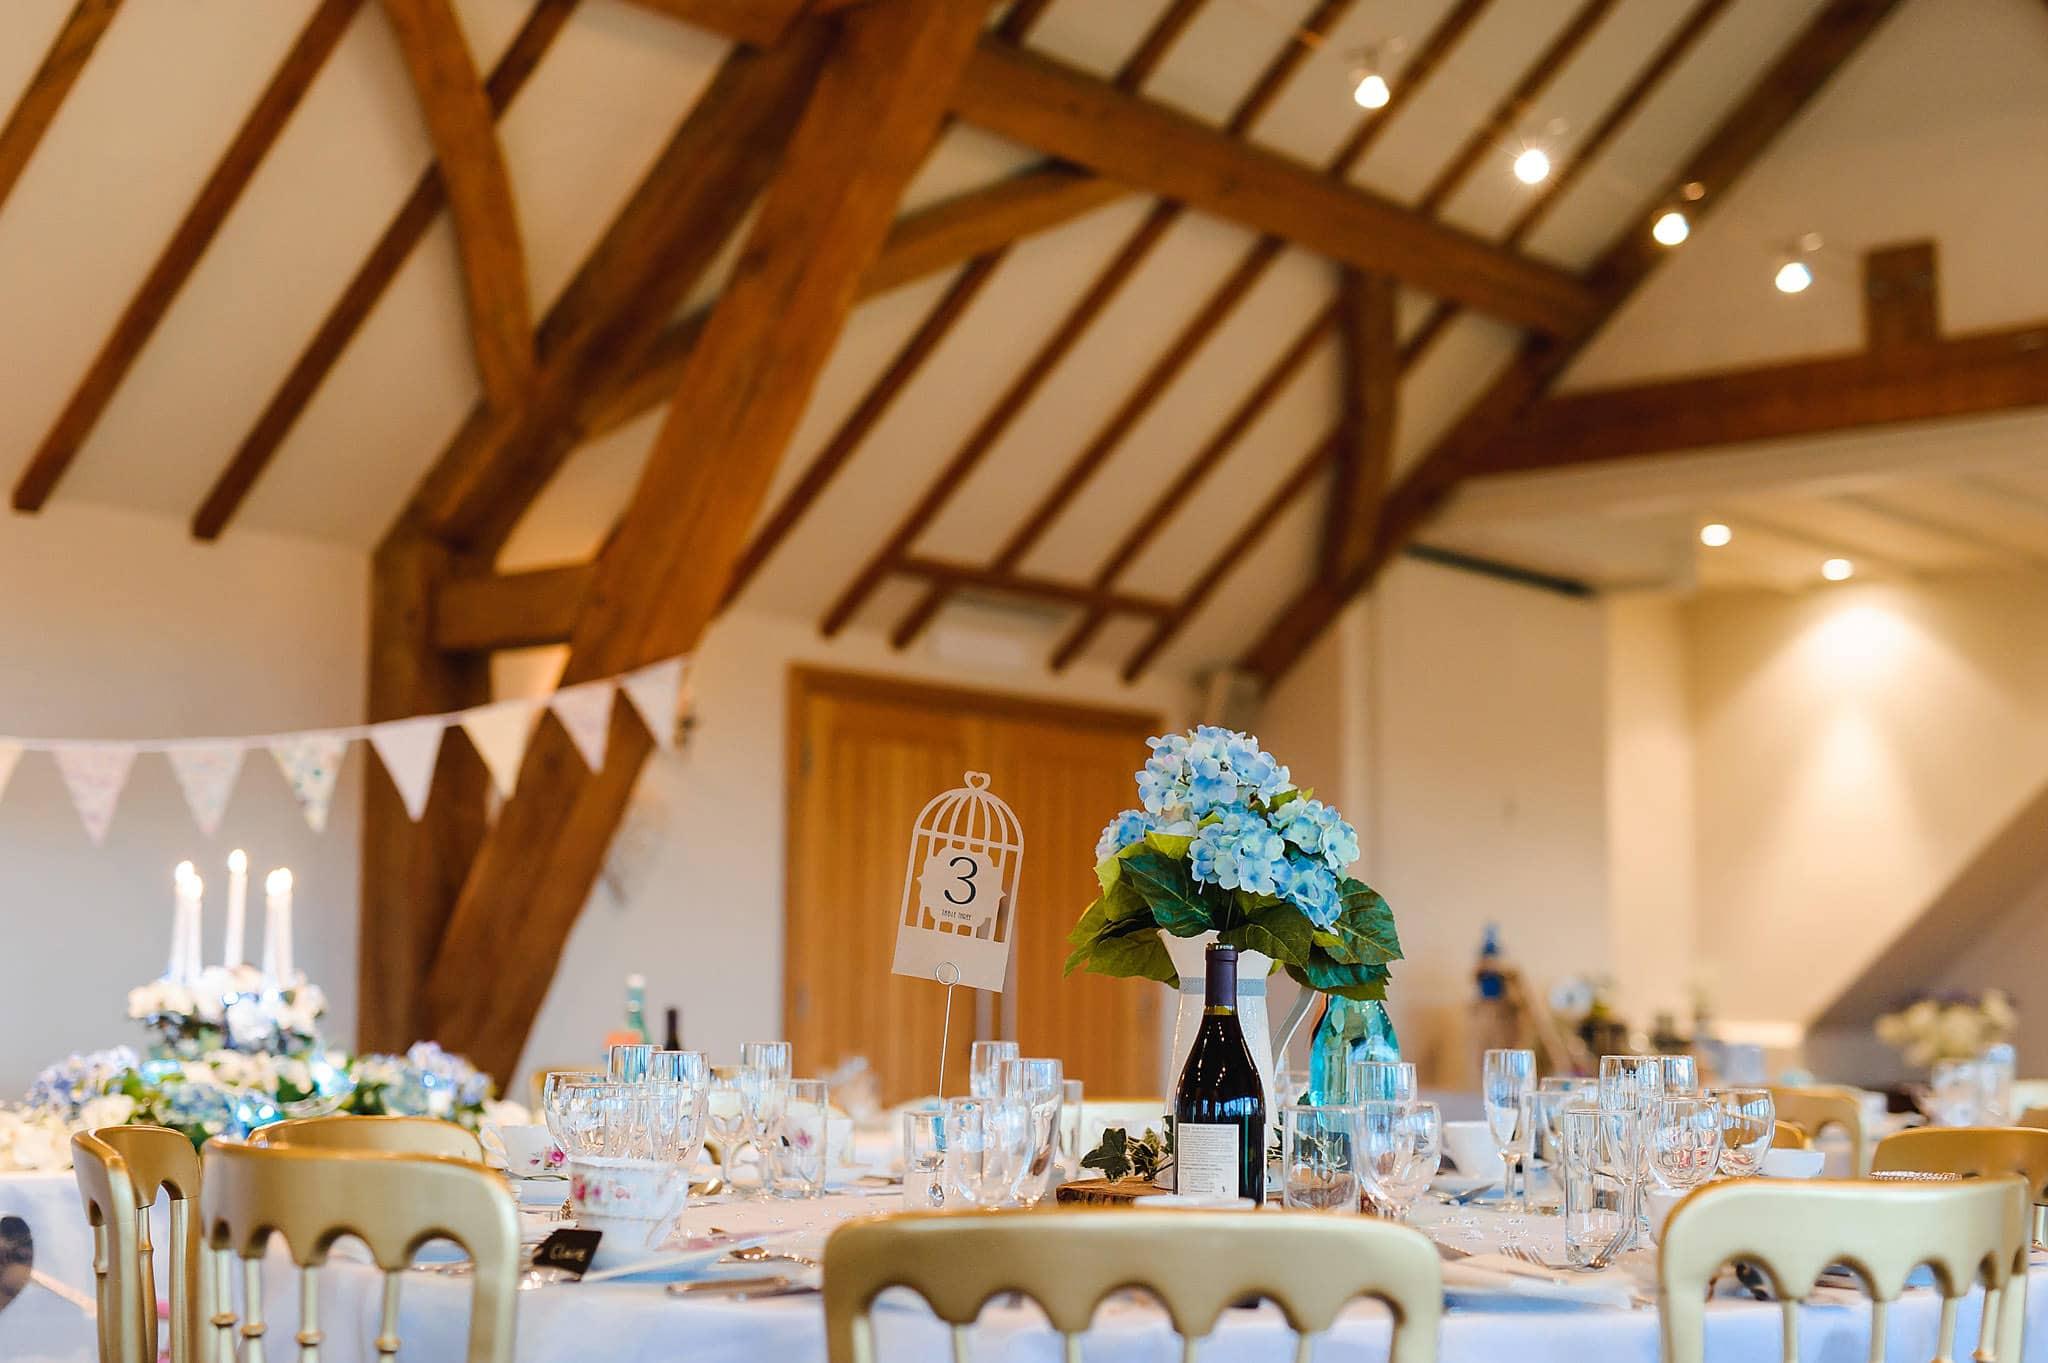 deer park hall wedding 58 - Deer Park Hall - Wedding Photography West Midlands